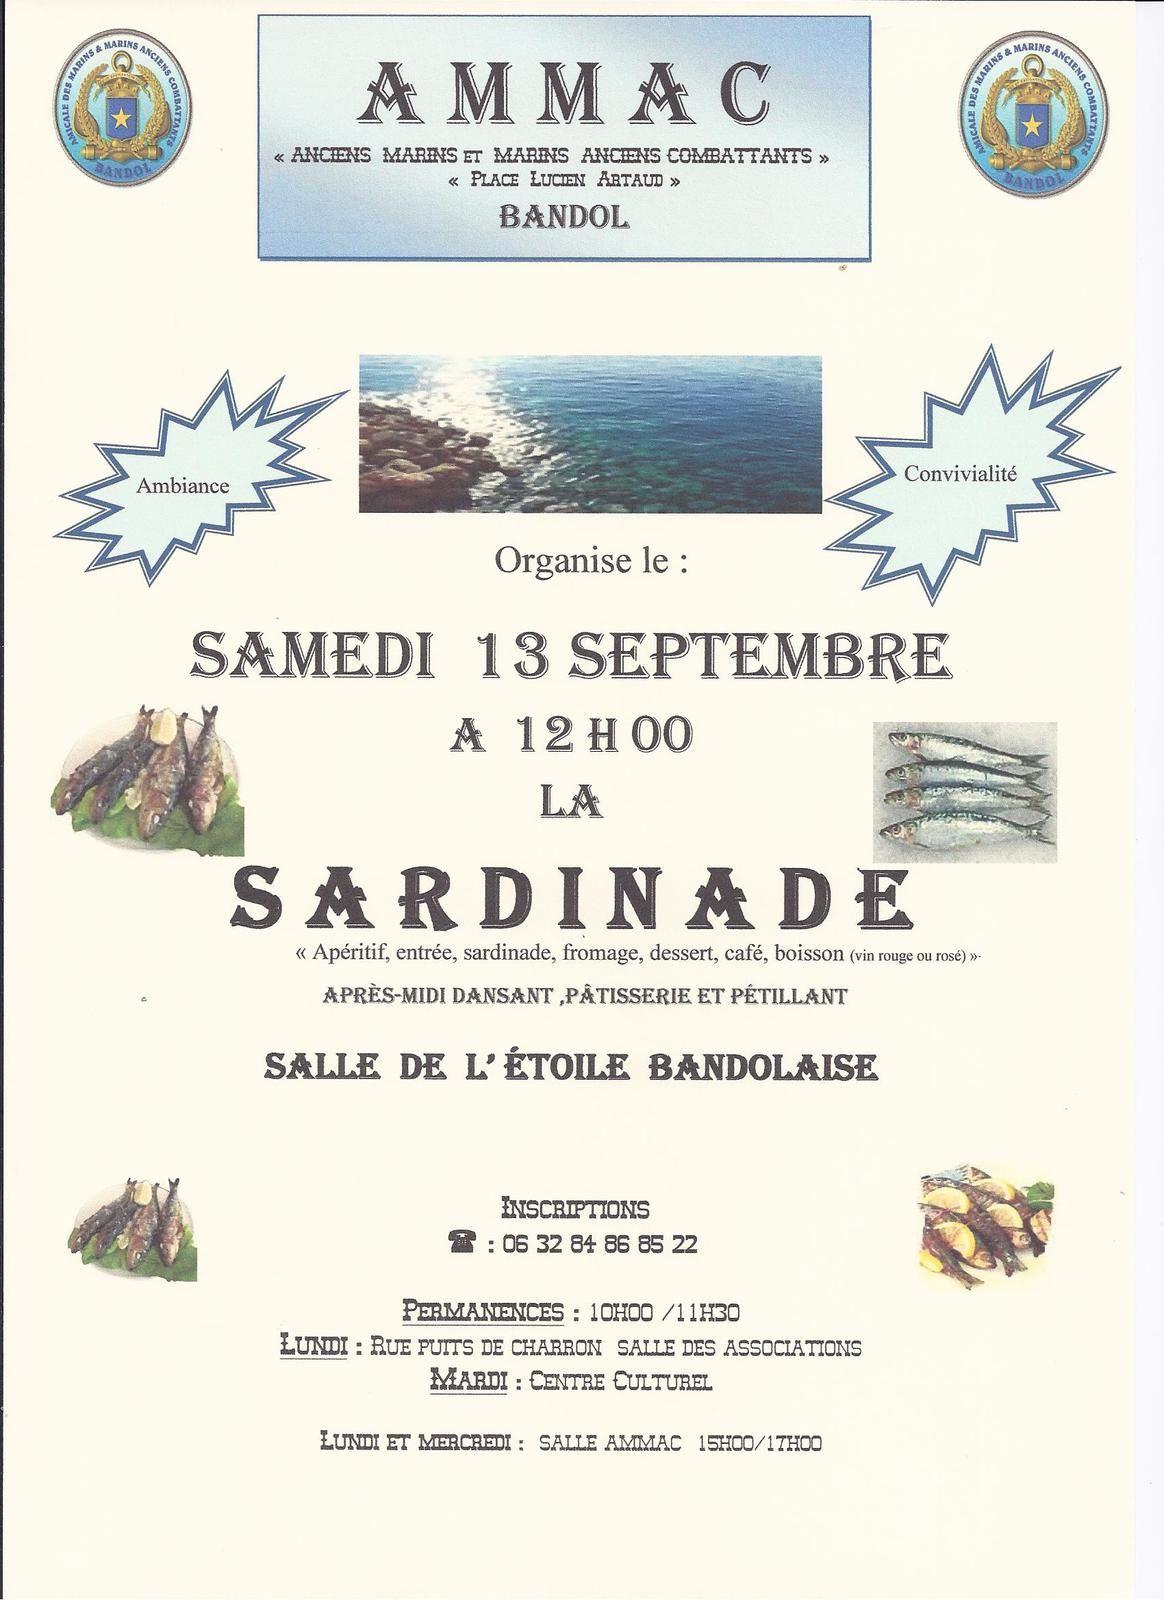 La traditonnelle sardinade organisée par L'AMMAC